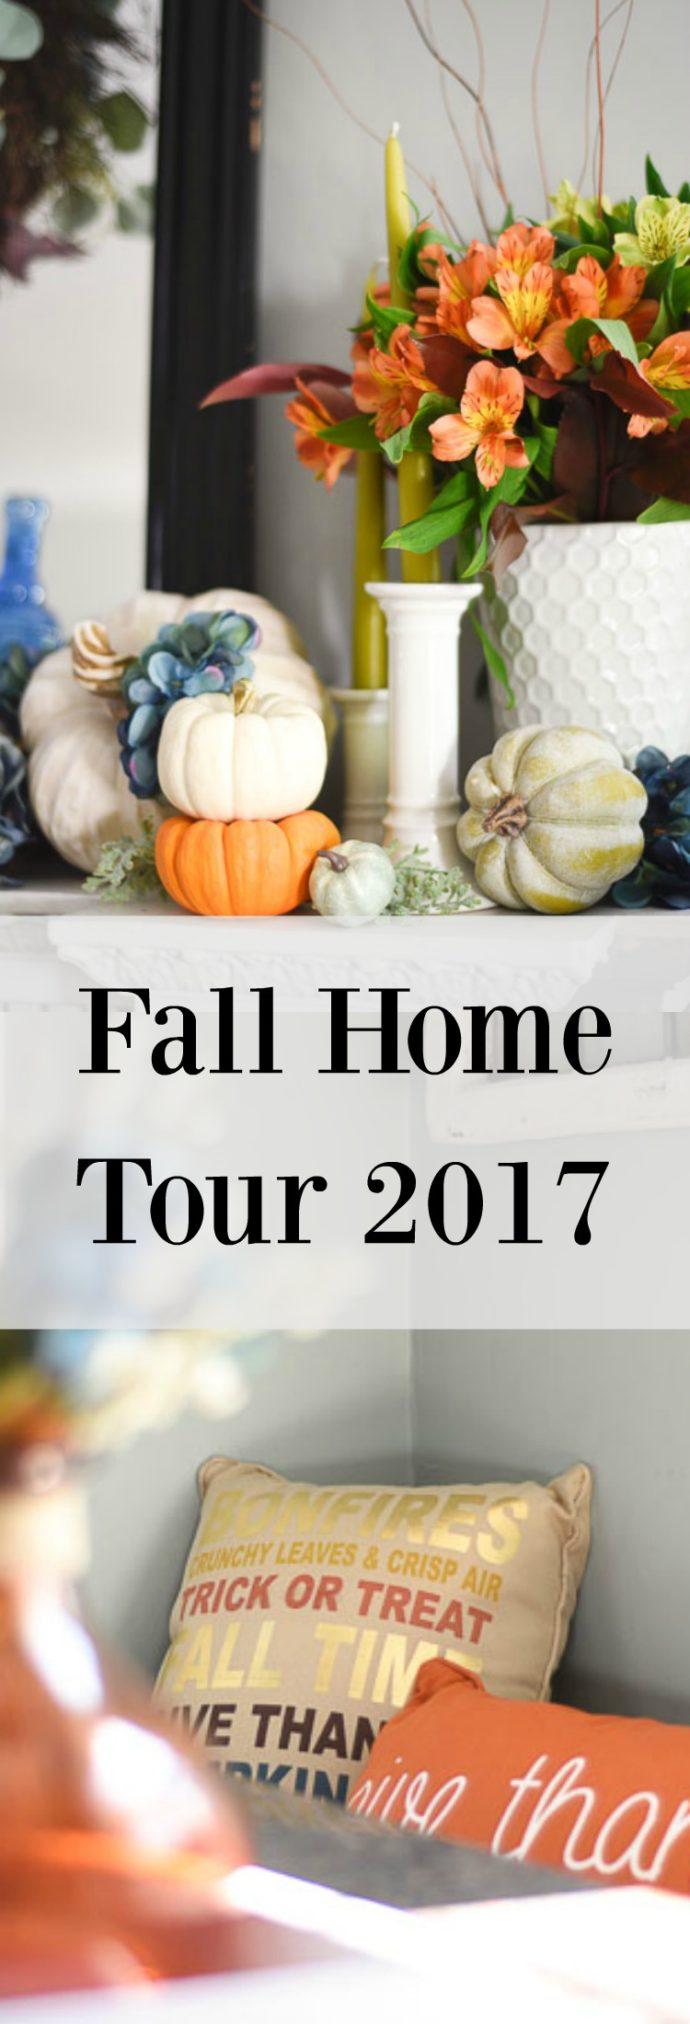 Bloggers Fall Home Tour 2017 Interior design bloggers Fall Home Tour more on the blog www.homewithkeki.com #Falldecor #FallHomeTour #Interiordesignblog